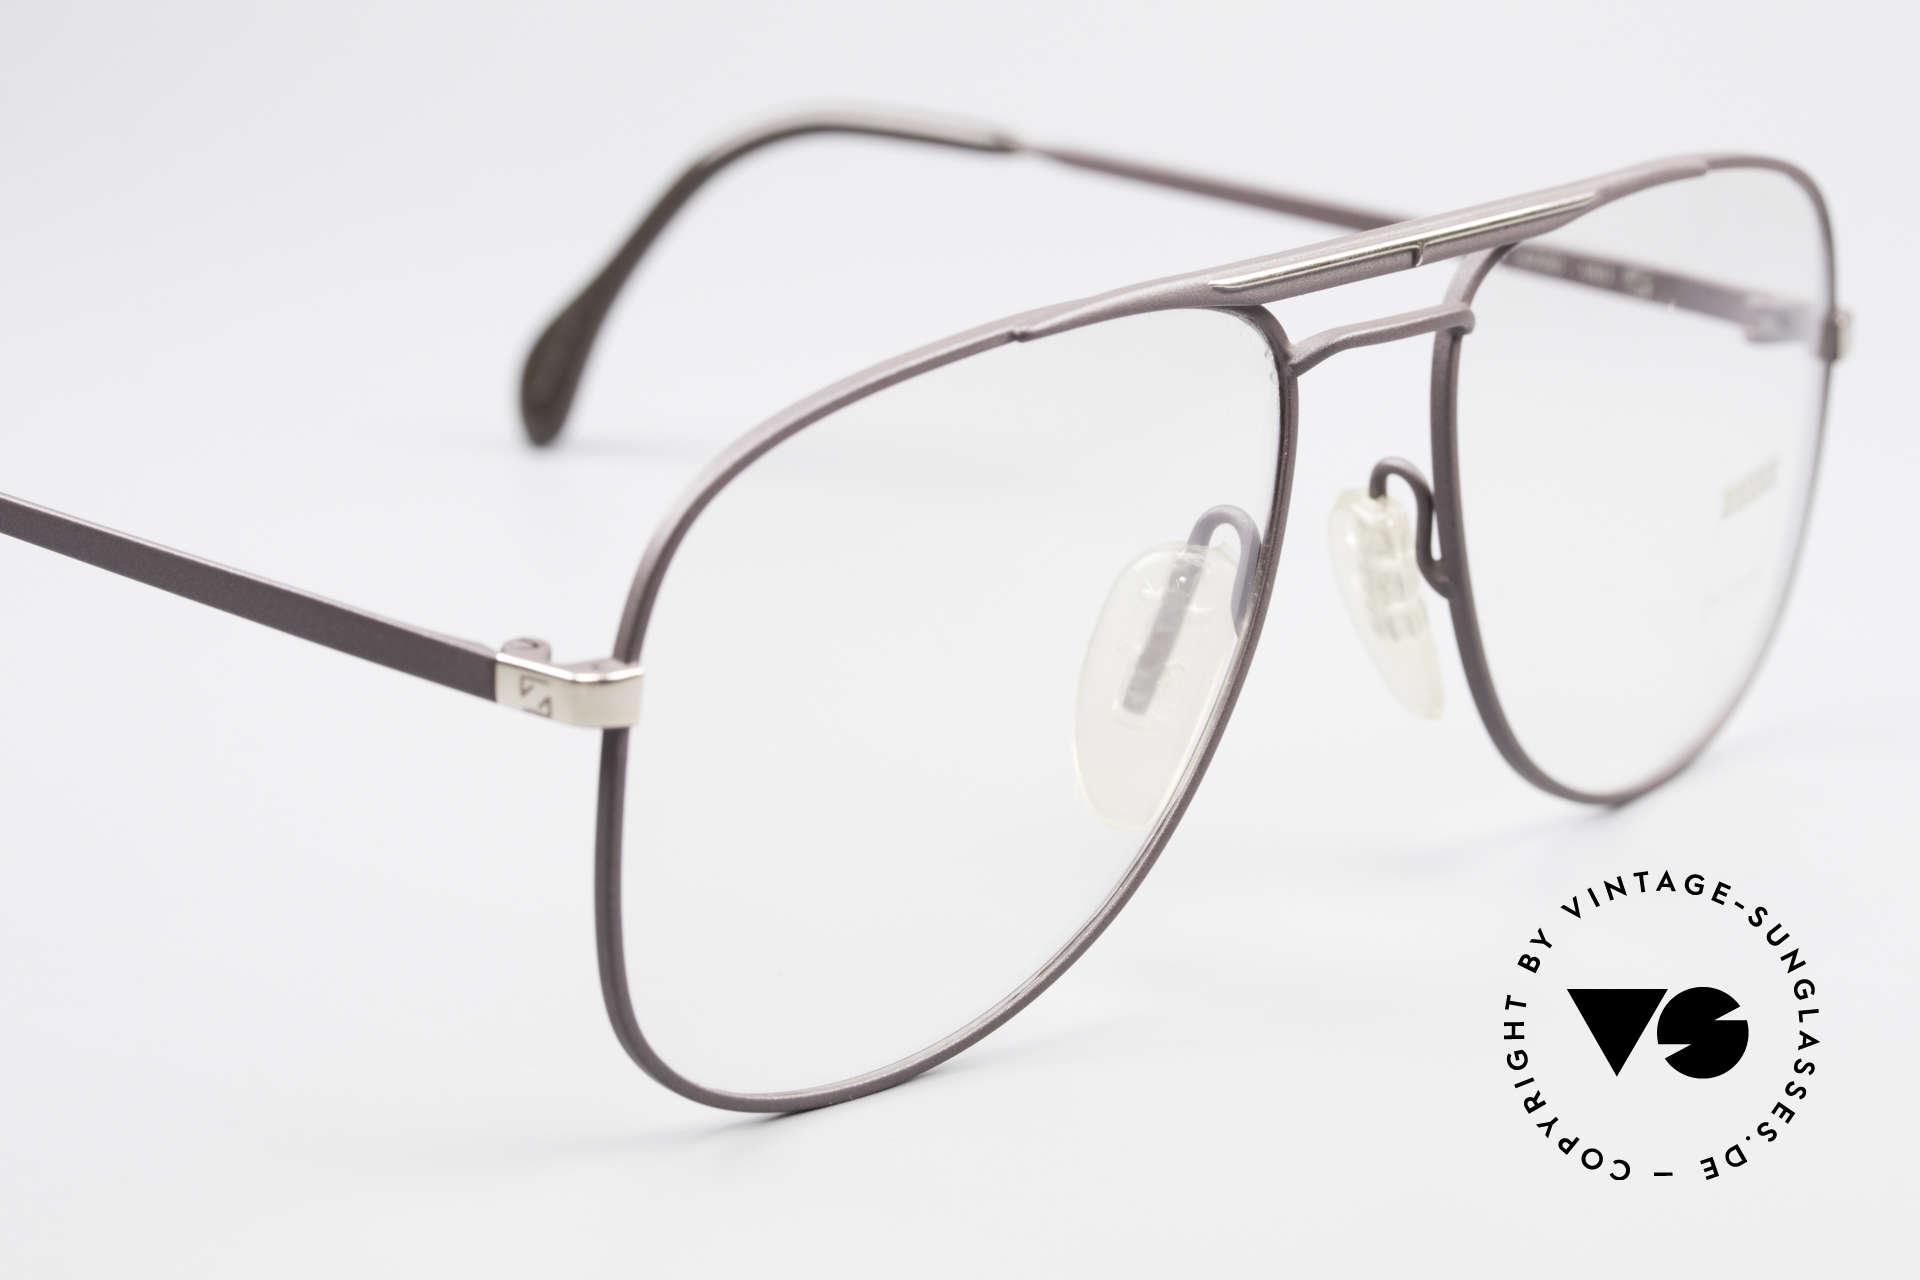 Zeiss 5886 Alte 80er Vintage Brille Aviator, KEINE RETROBRILLE, sondern 100% vintage Original, Passend für Herren